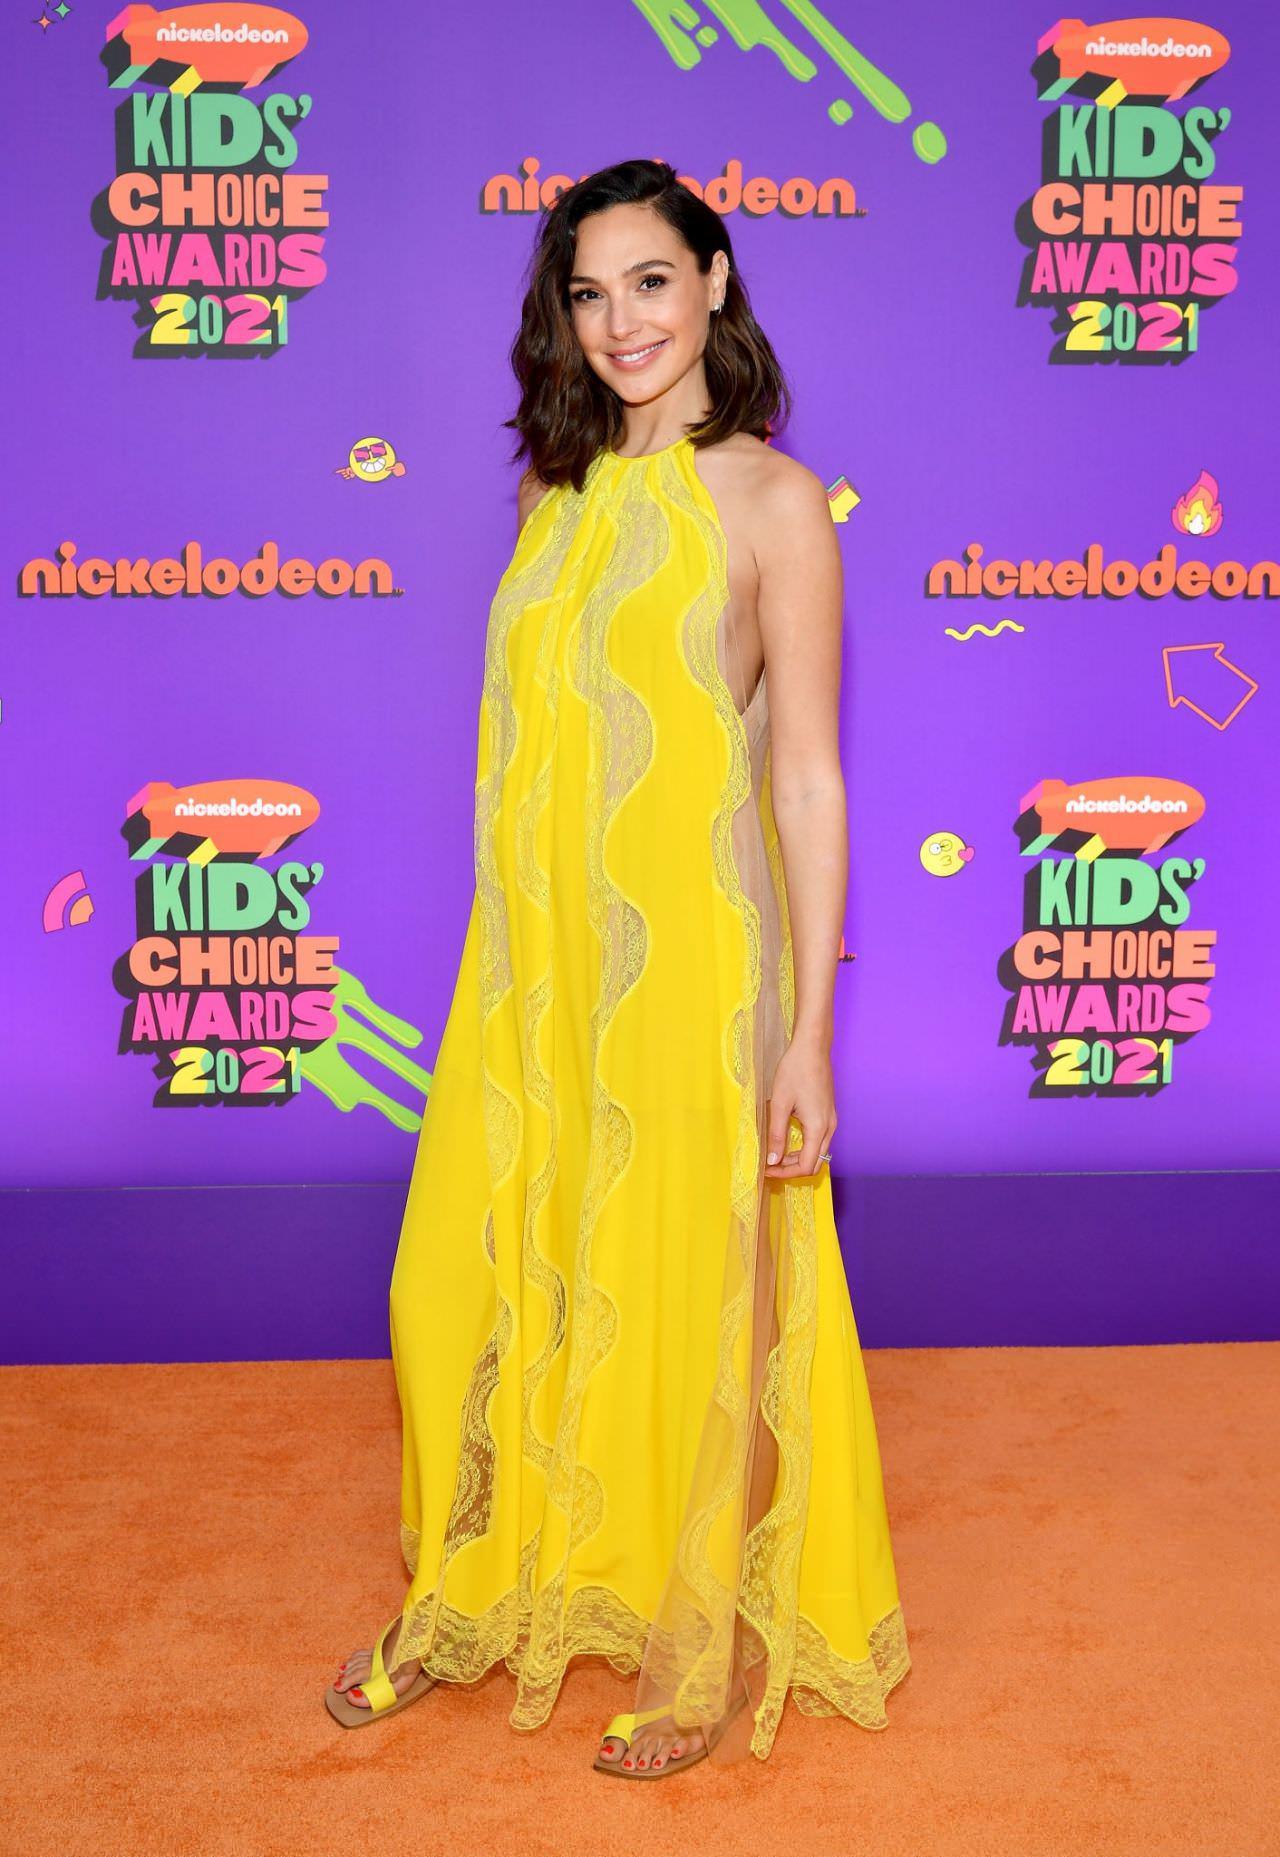 Gal Gadot in Yellow Dress at 2021 Nickelodeon Kid's Choice Awards